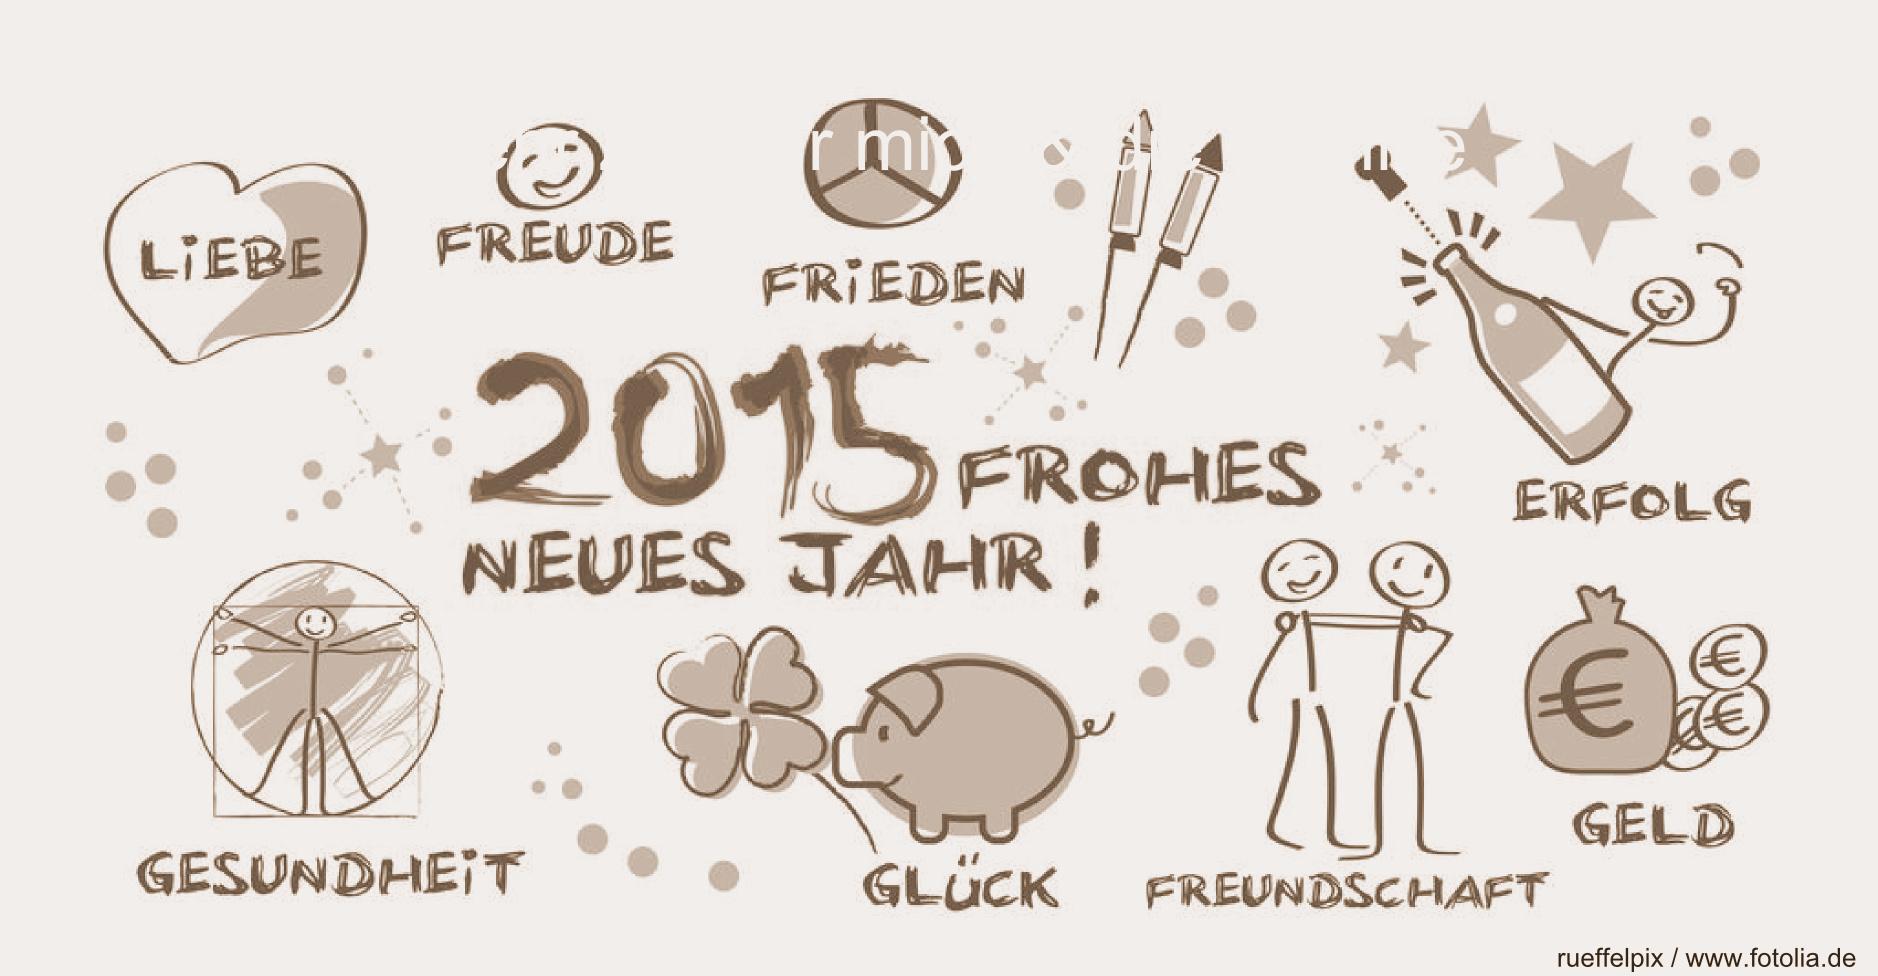 Mein Vorsatz für 2015: Mehr Zeit